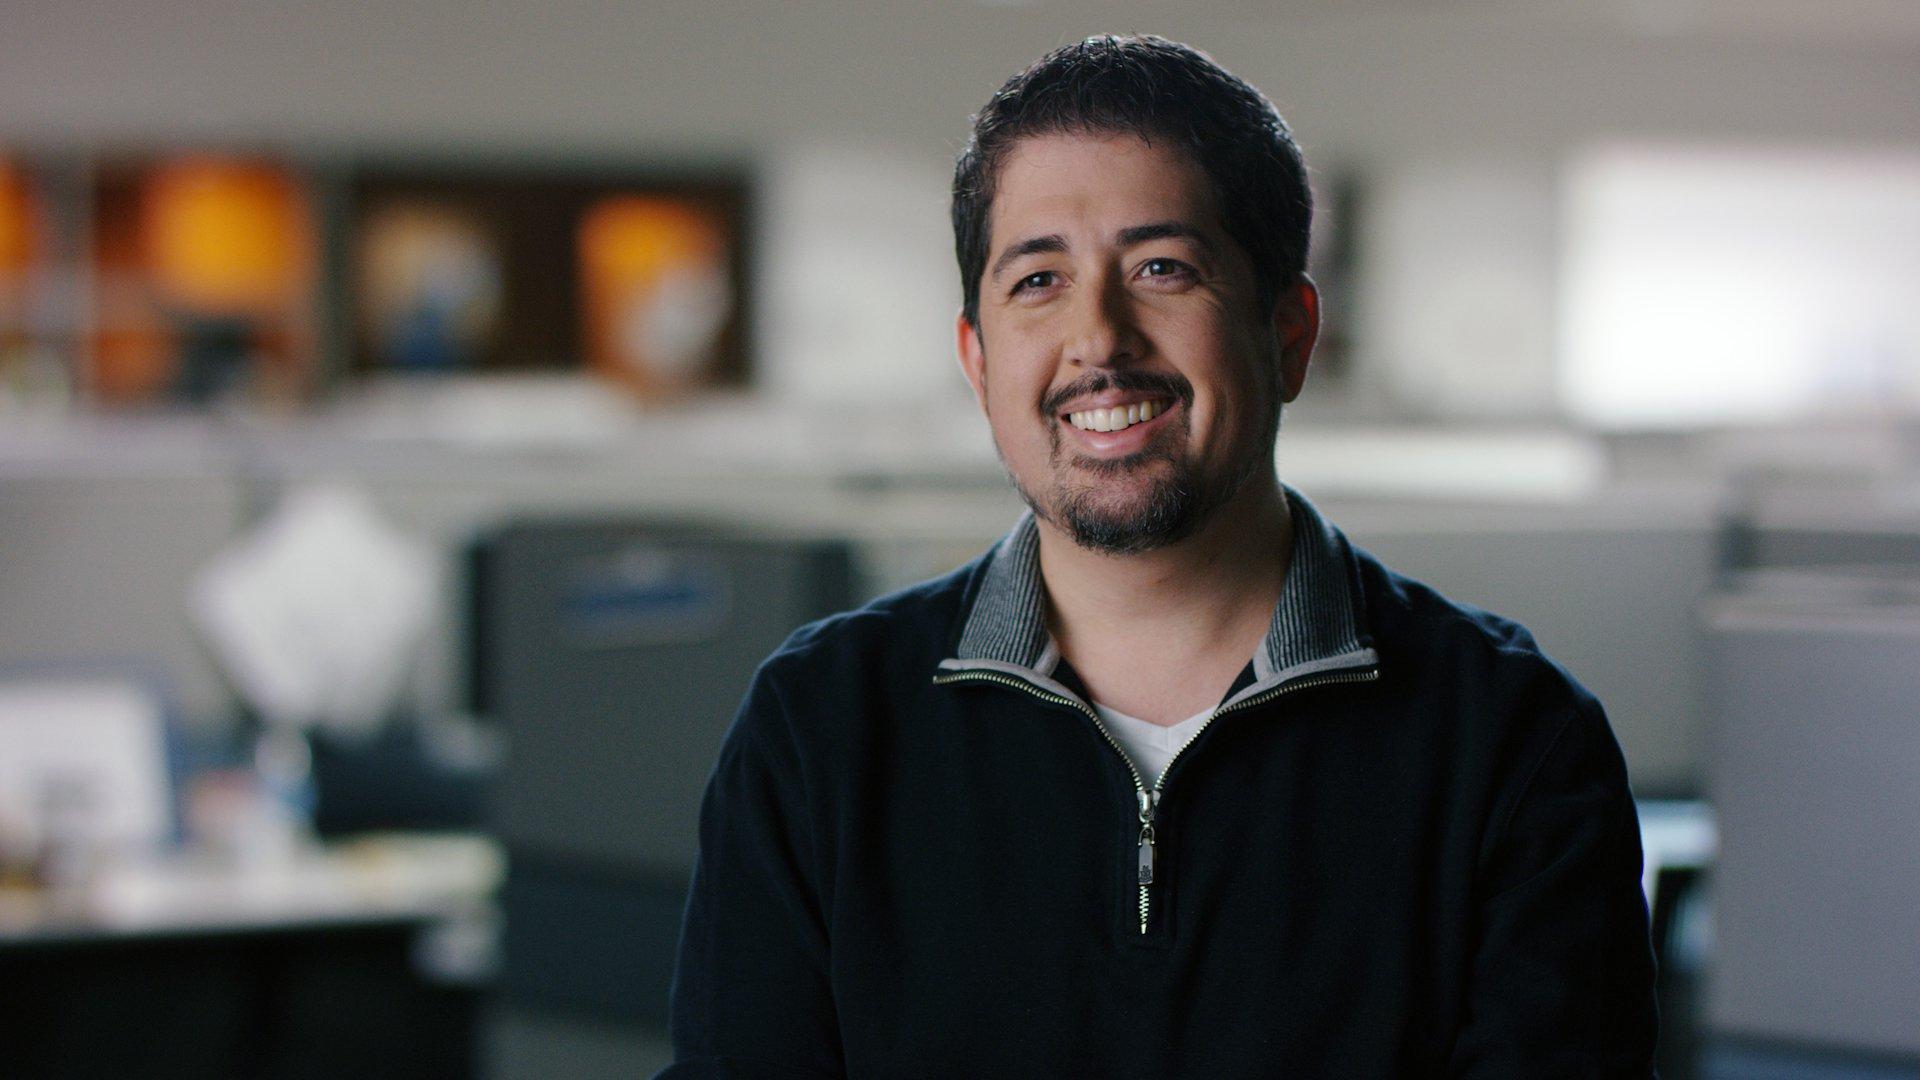 Райан Литвак, ИТ-менеджер Jabil, изучает возможности для использования Project Brainwave. Фото предоставлено Jabil.